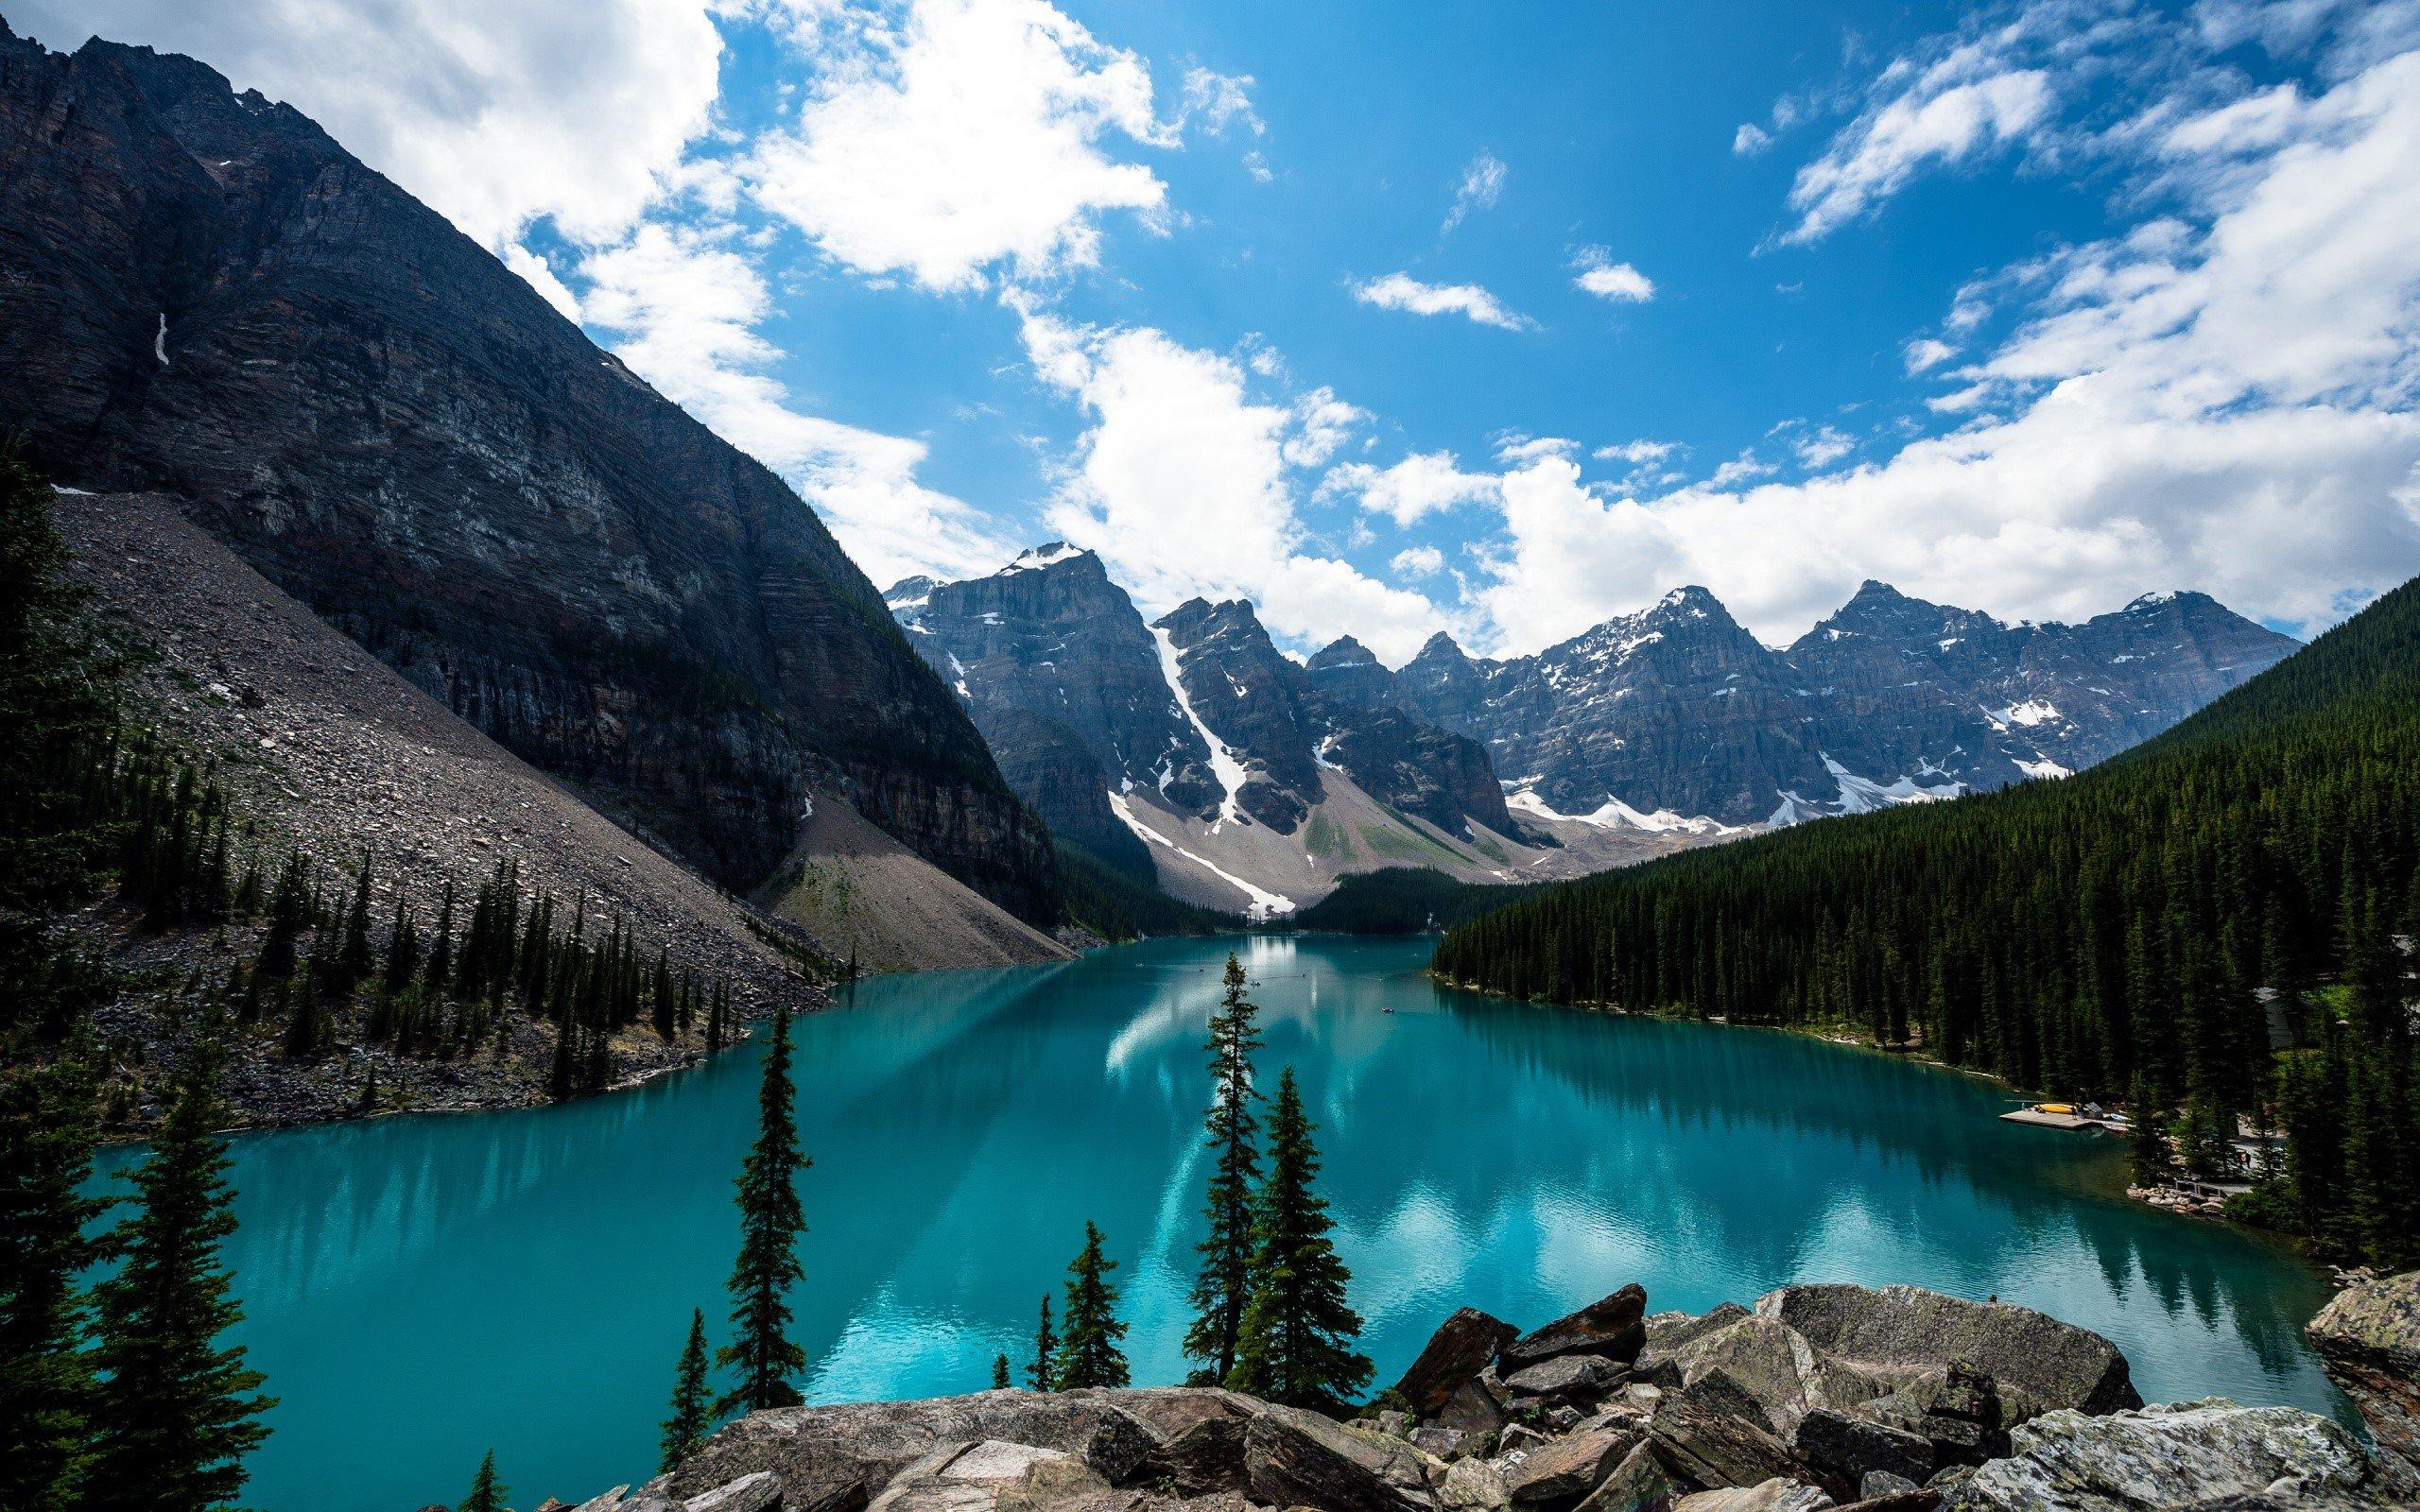 Fondos de pantalla Lago Moraine en Canada